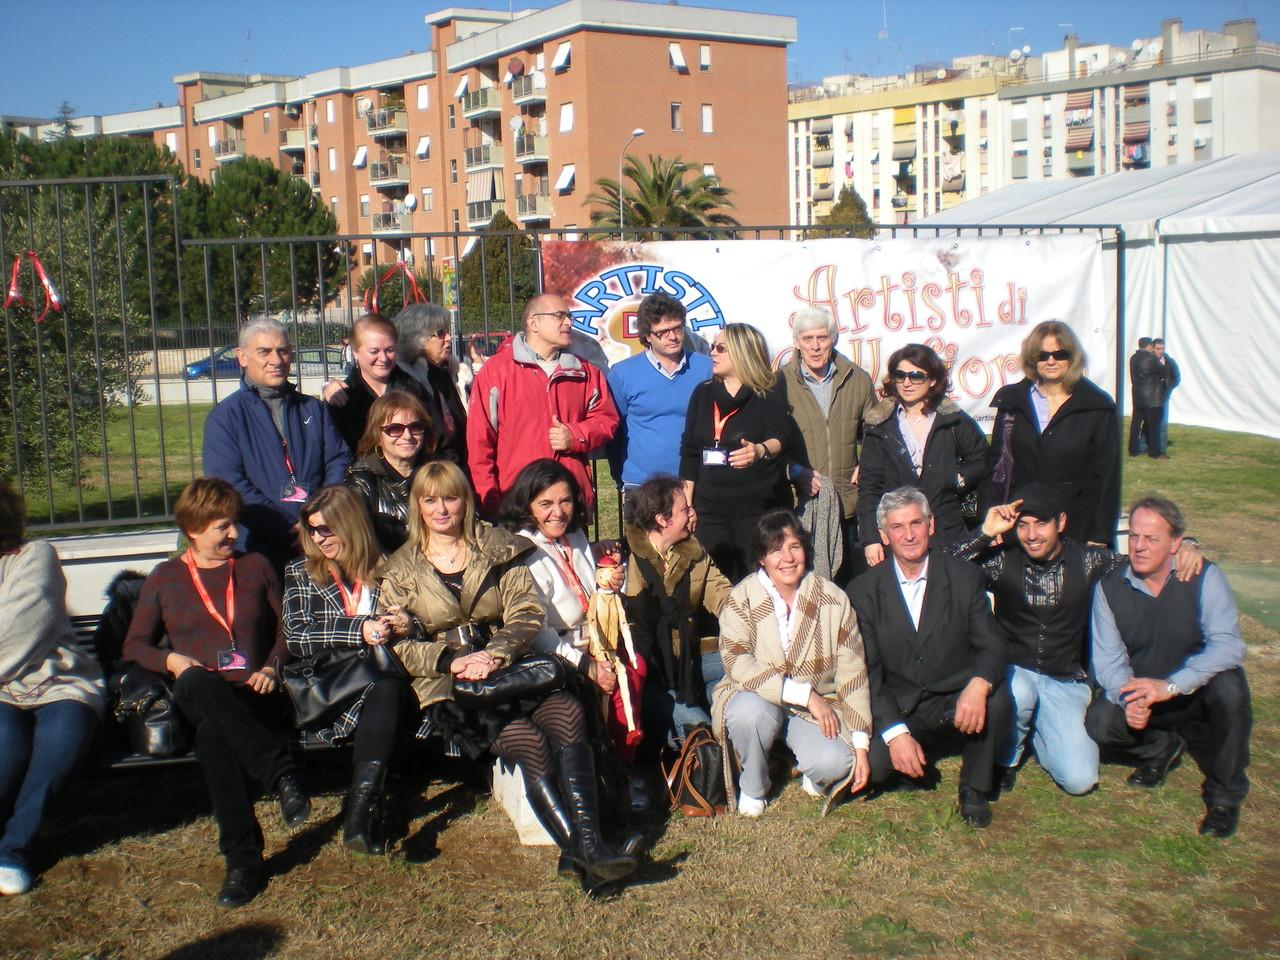 FESTA DEGLI ARTISTI-GENNAIO 2011